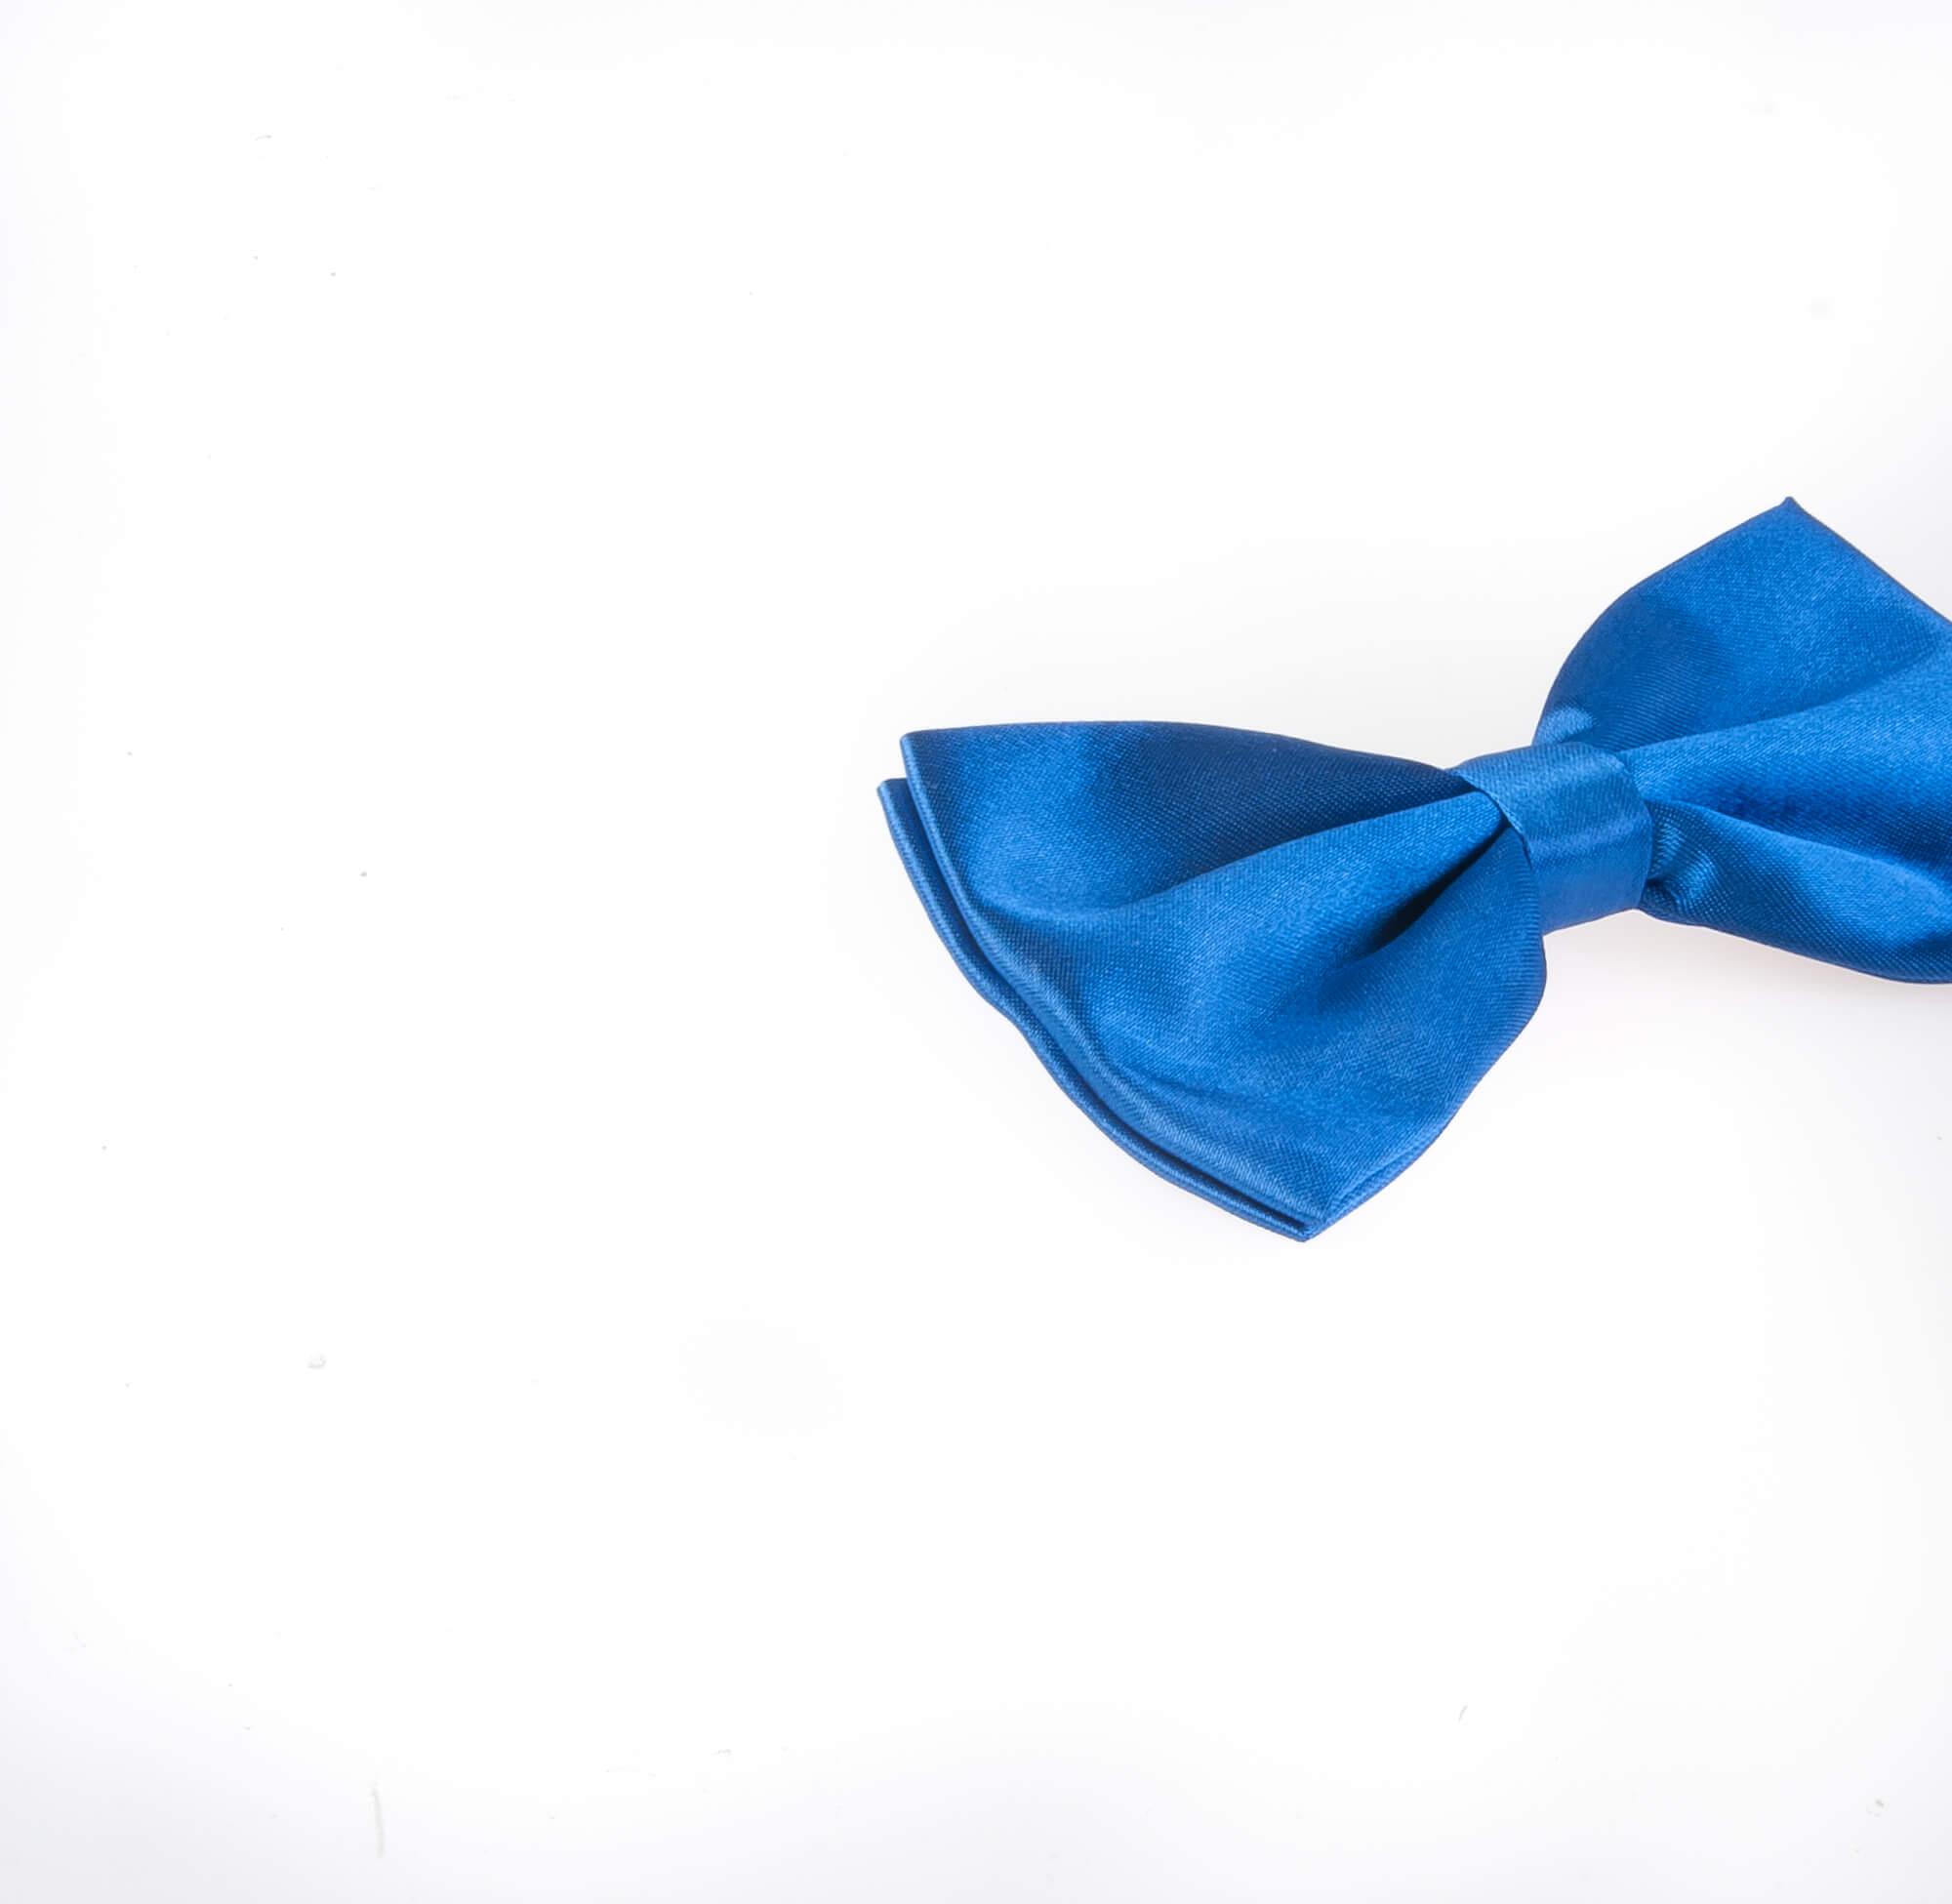 پاپیون ساده مردانه ساتن رنگ آبی BT1060